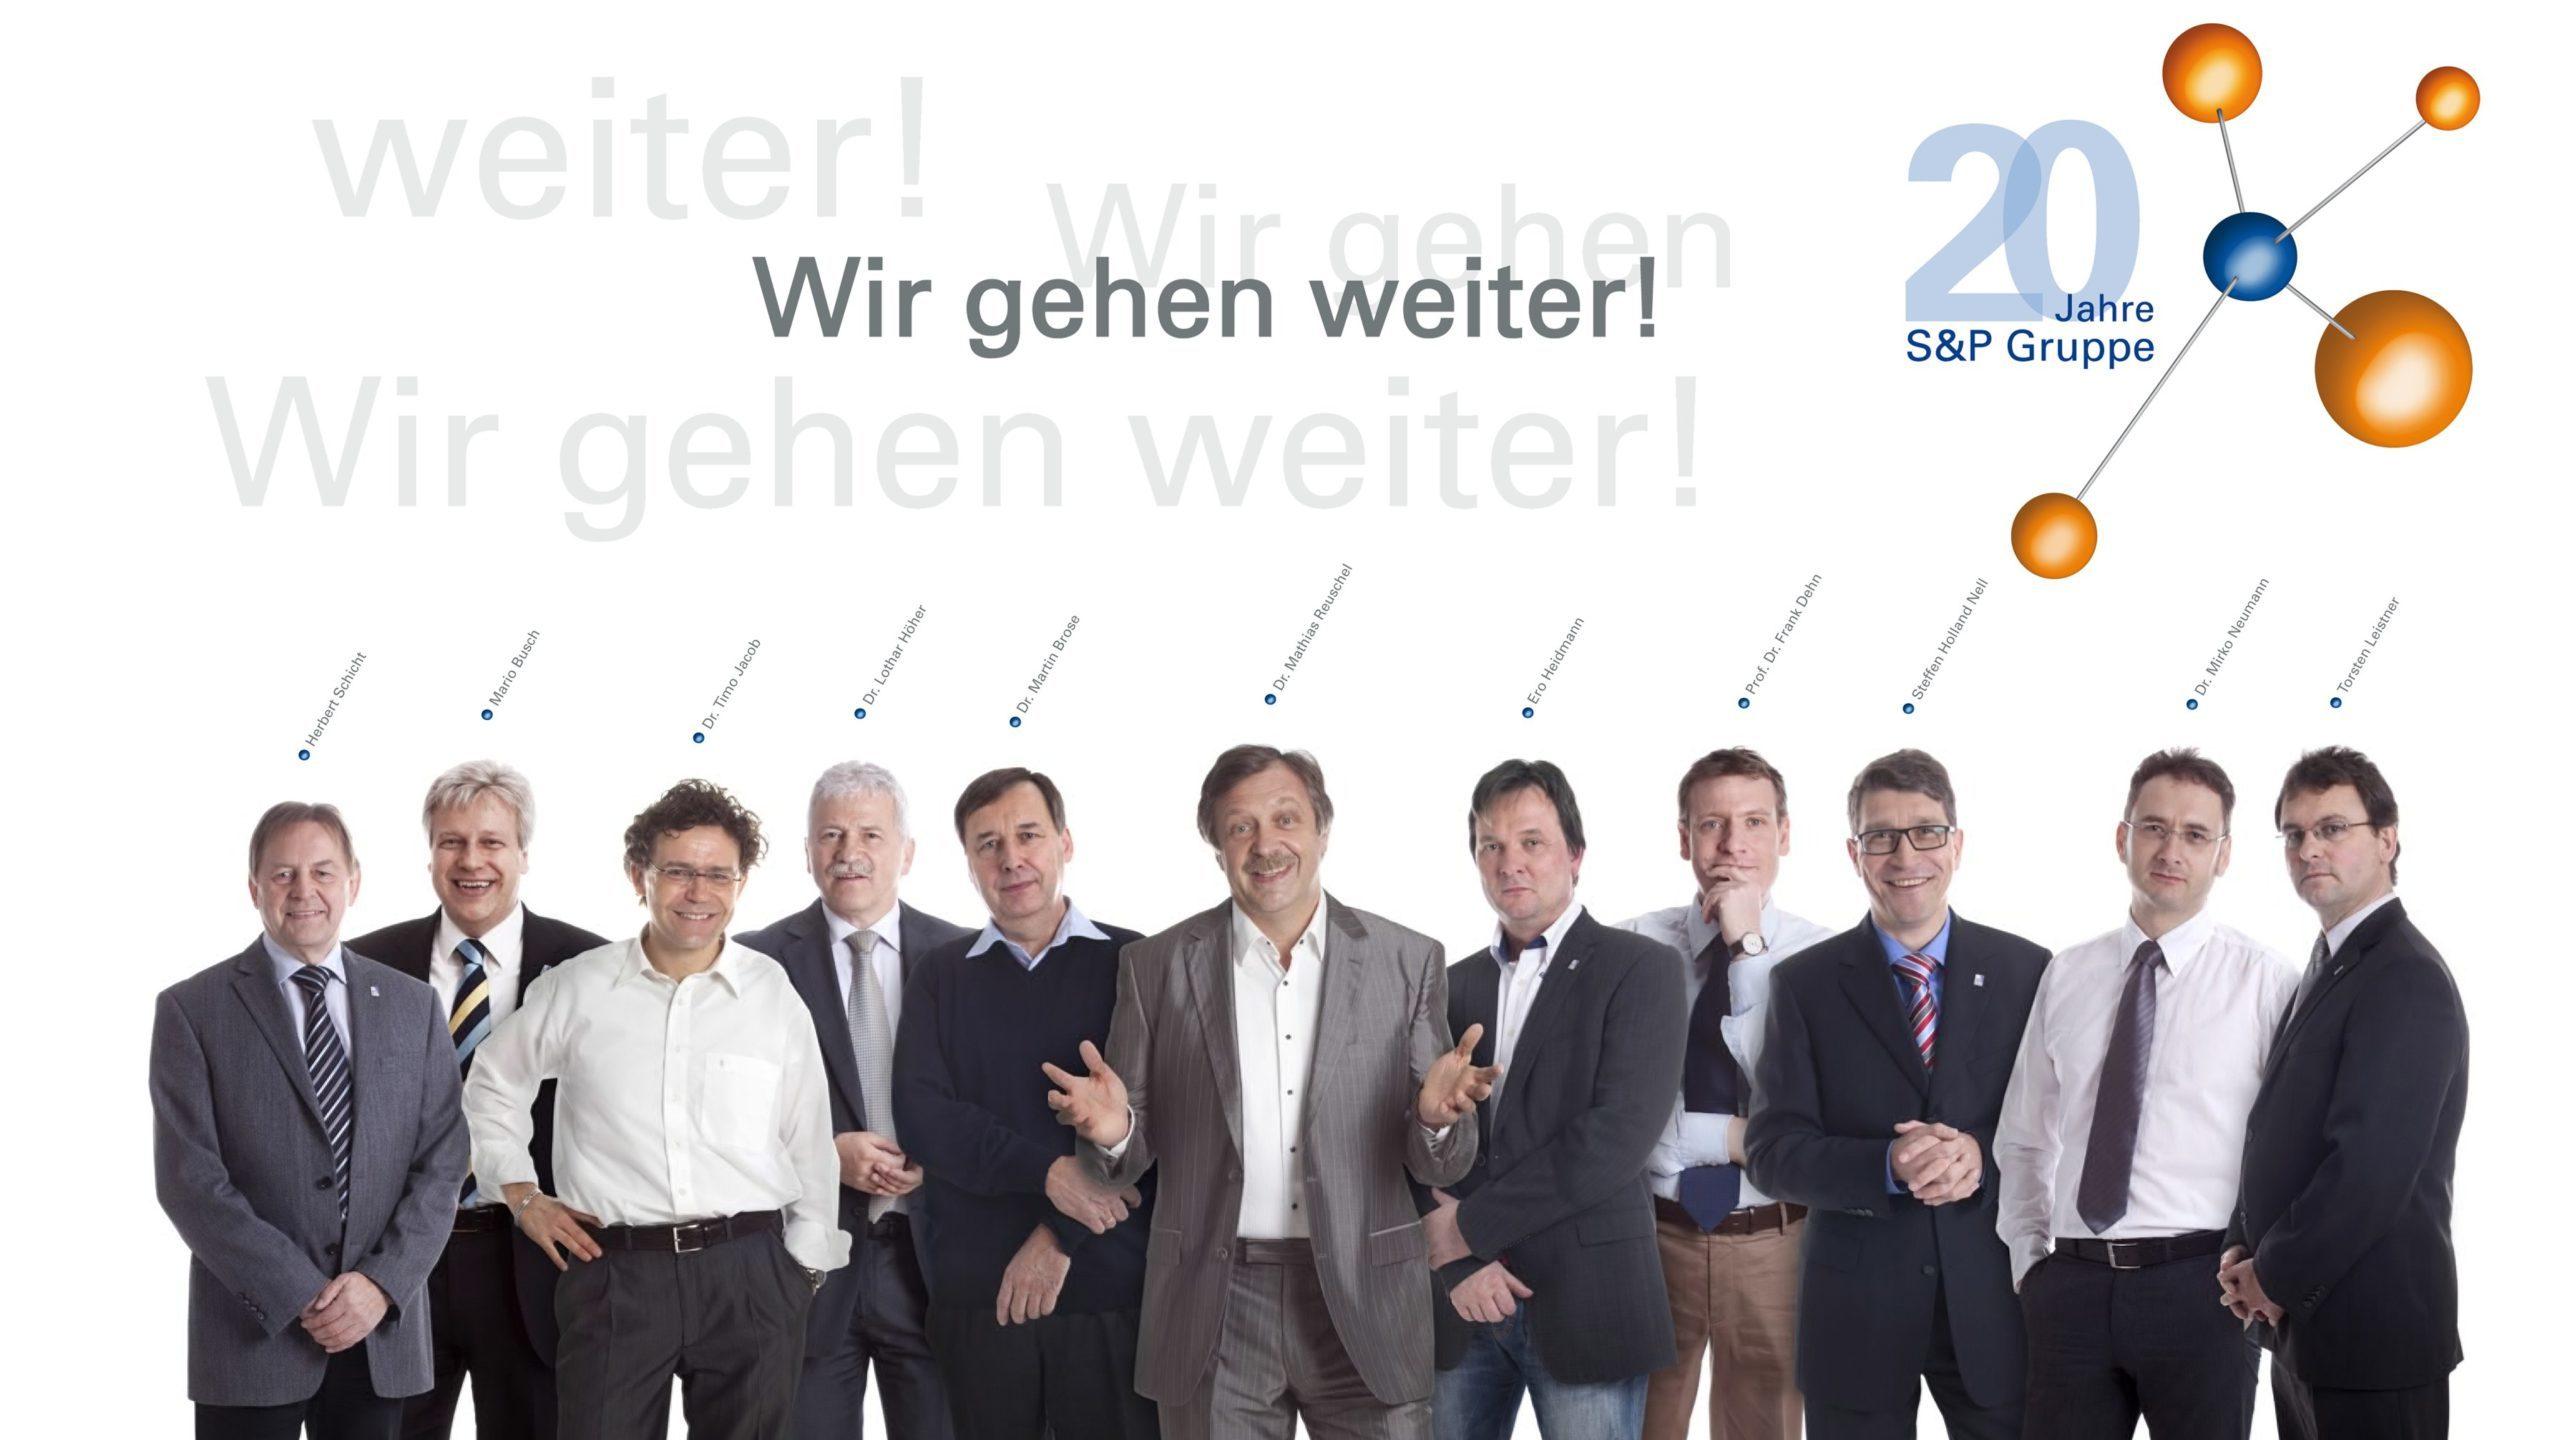 20 Jahre S&P Gruppe